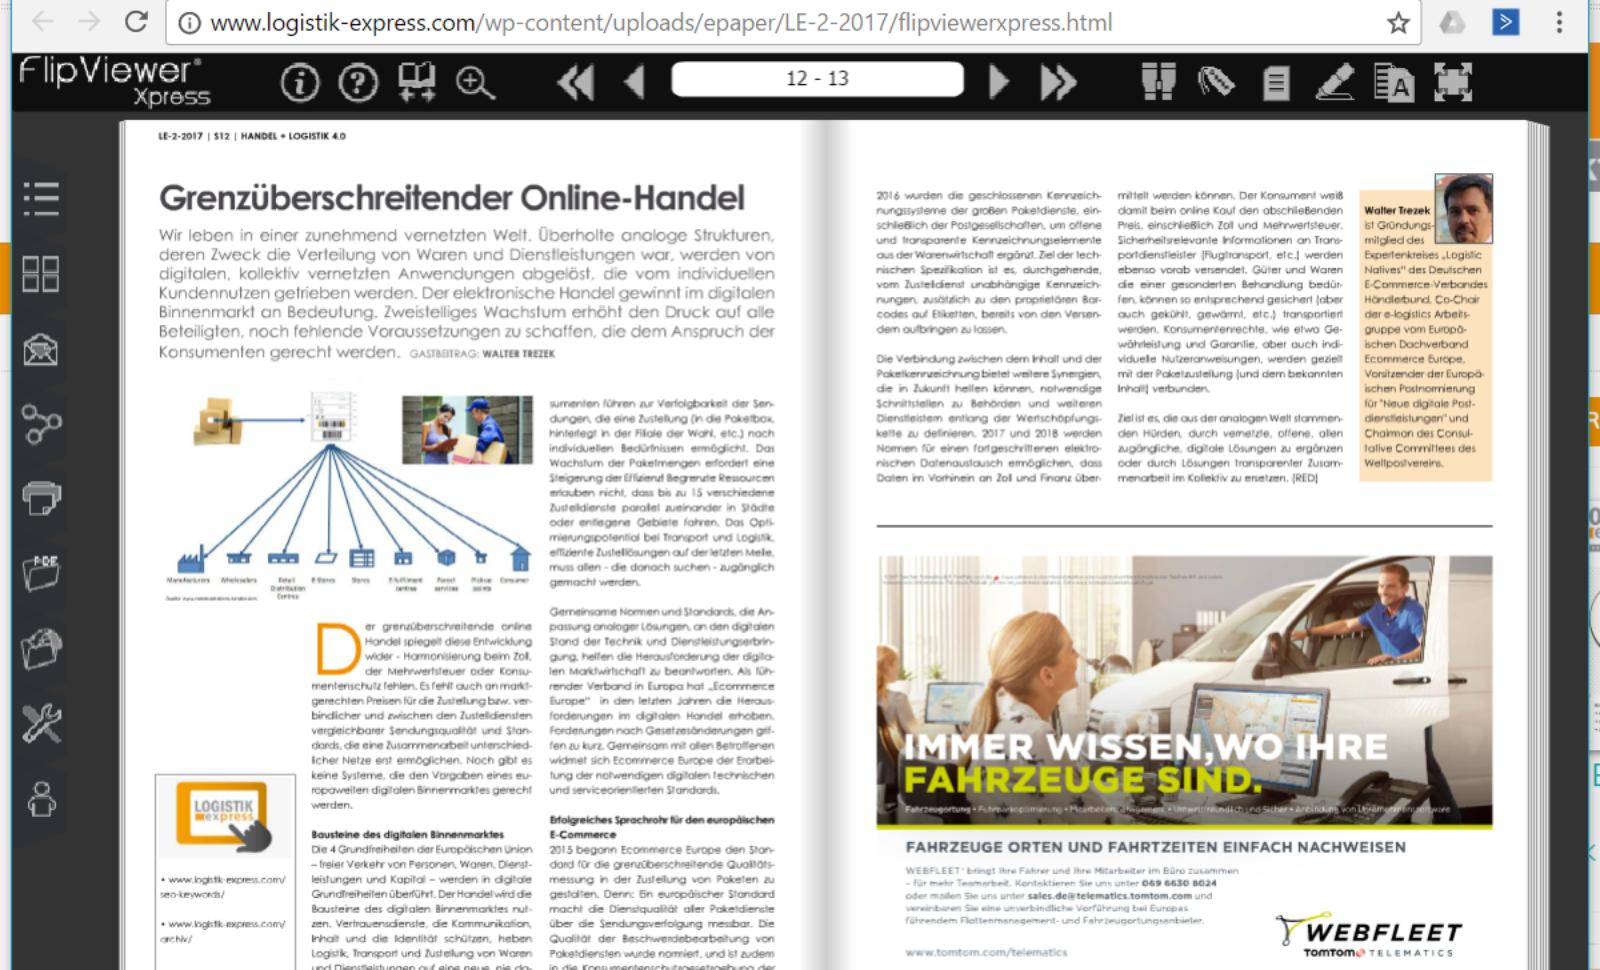 Grenzüberschreitender online Handel: Das digitale Kollektiv löst analoge Einzelkämpfer ab